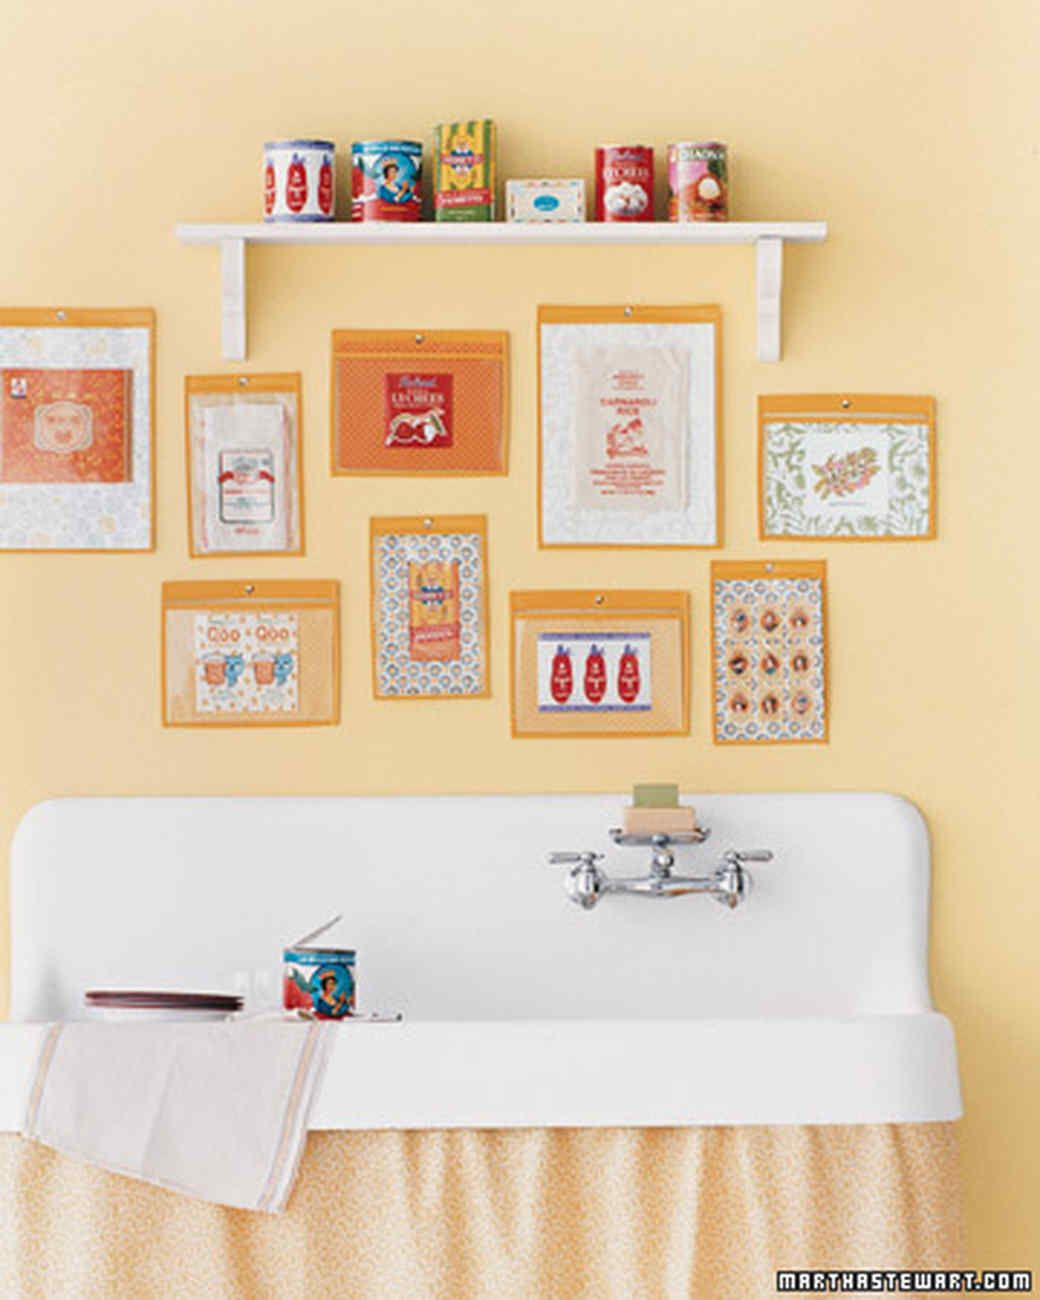 Quick Change Artists | Frame shop, Kitchen photos and Martha stewart